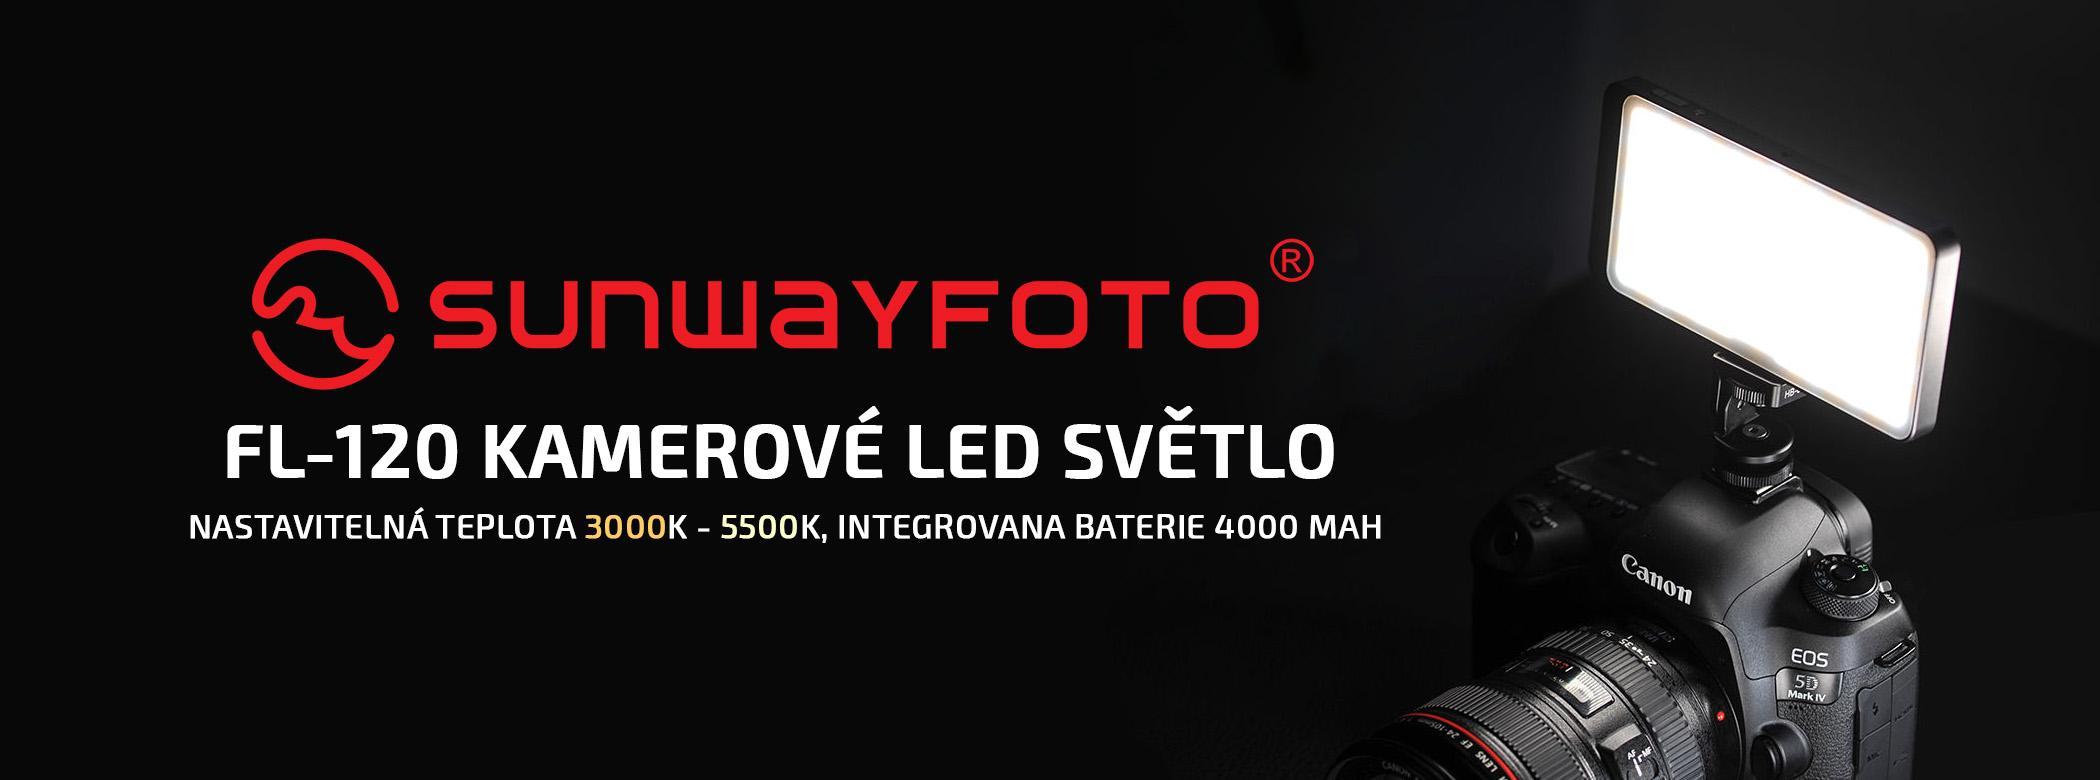 film-technika-sunwayfoto-kamerové-led-světlo-s-integrovanou-baterií